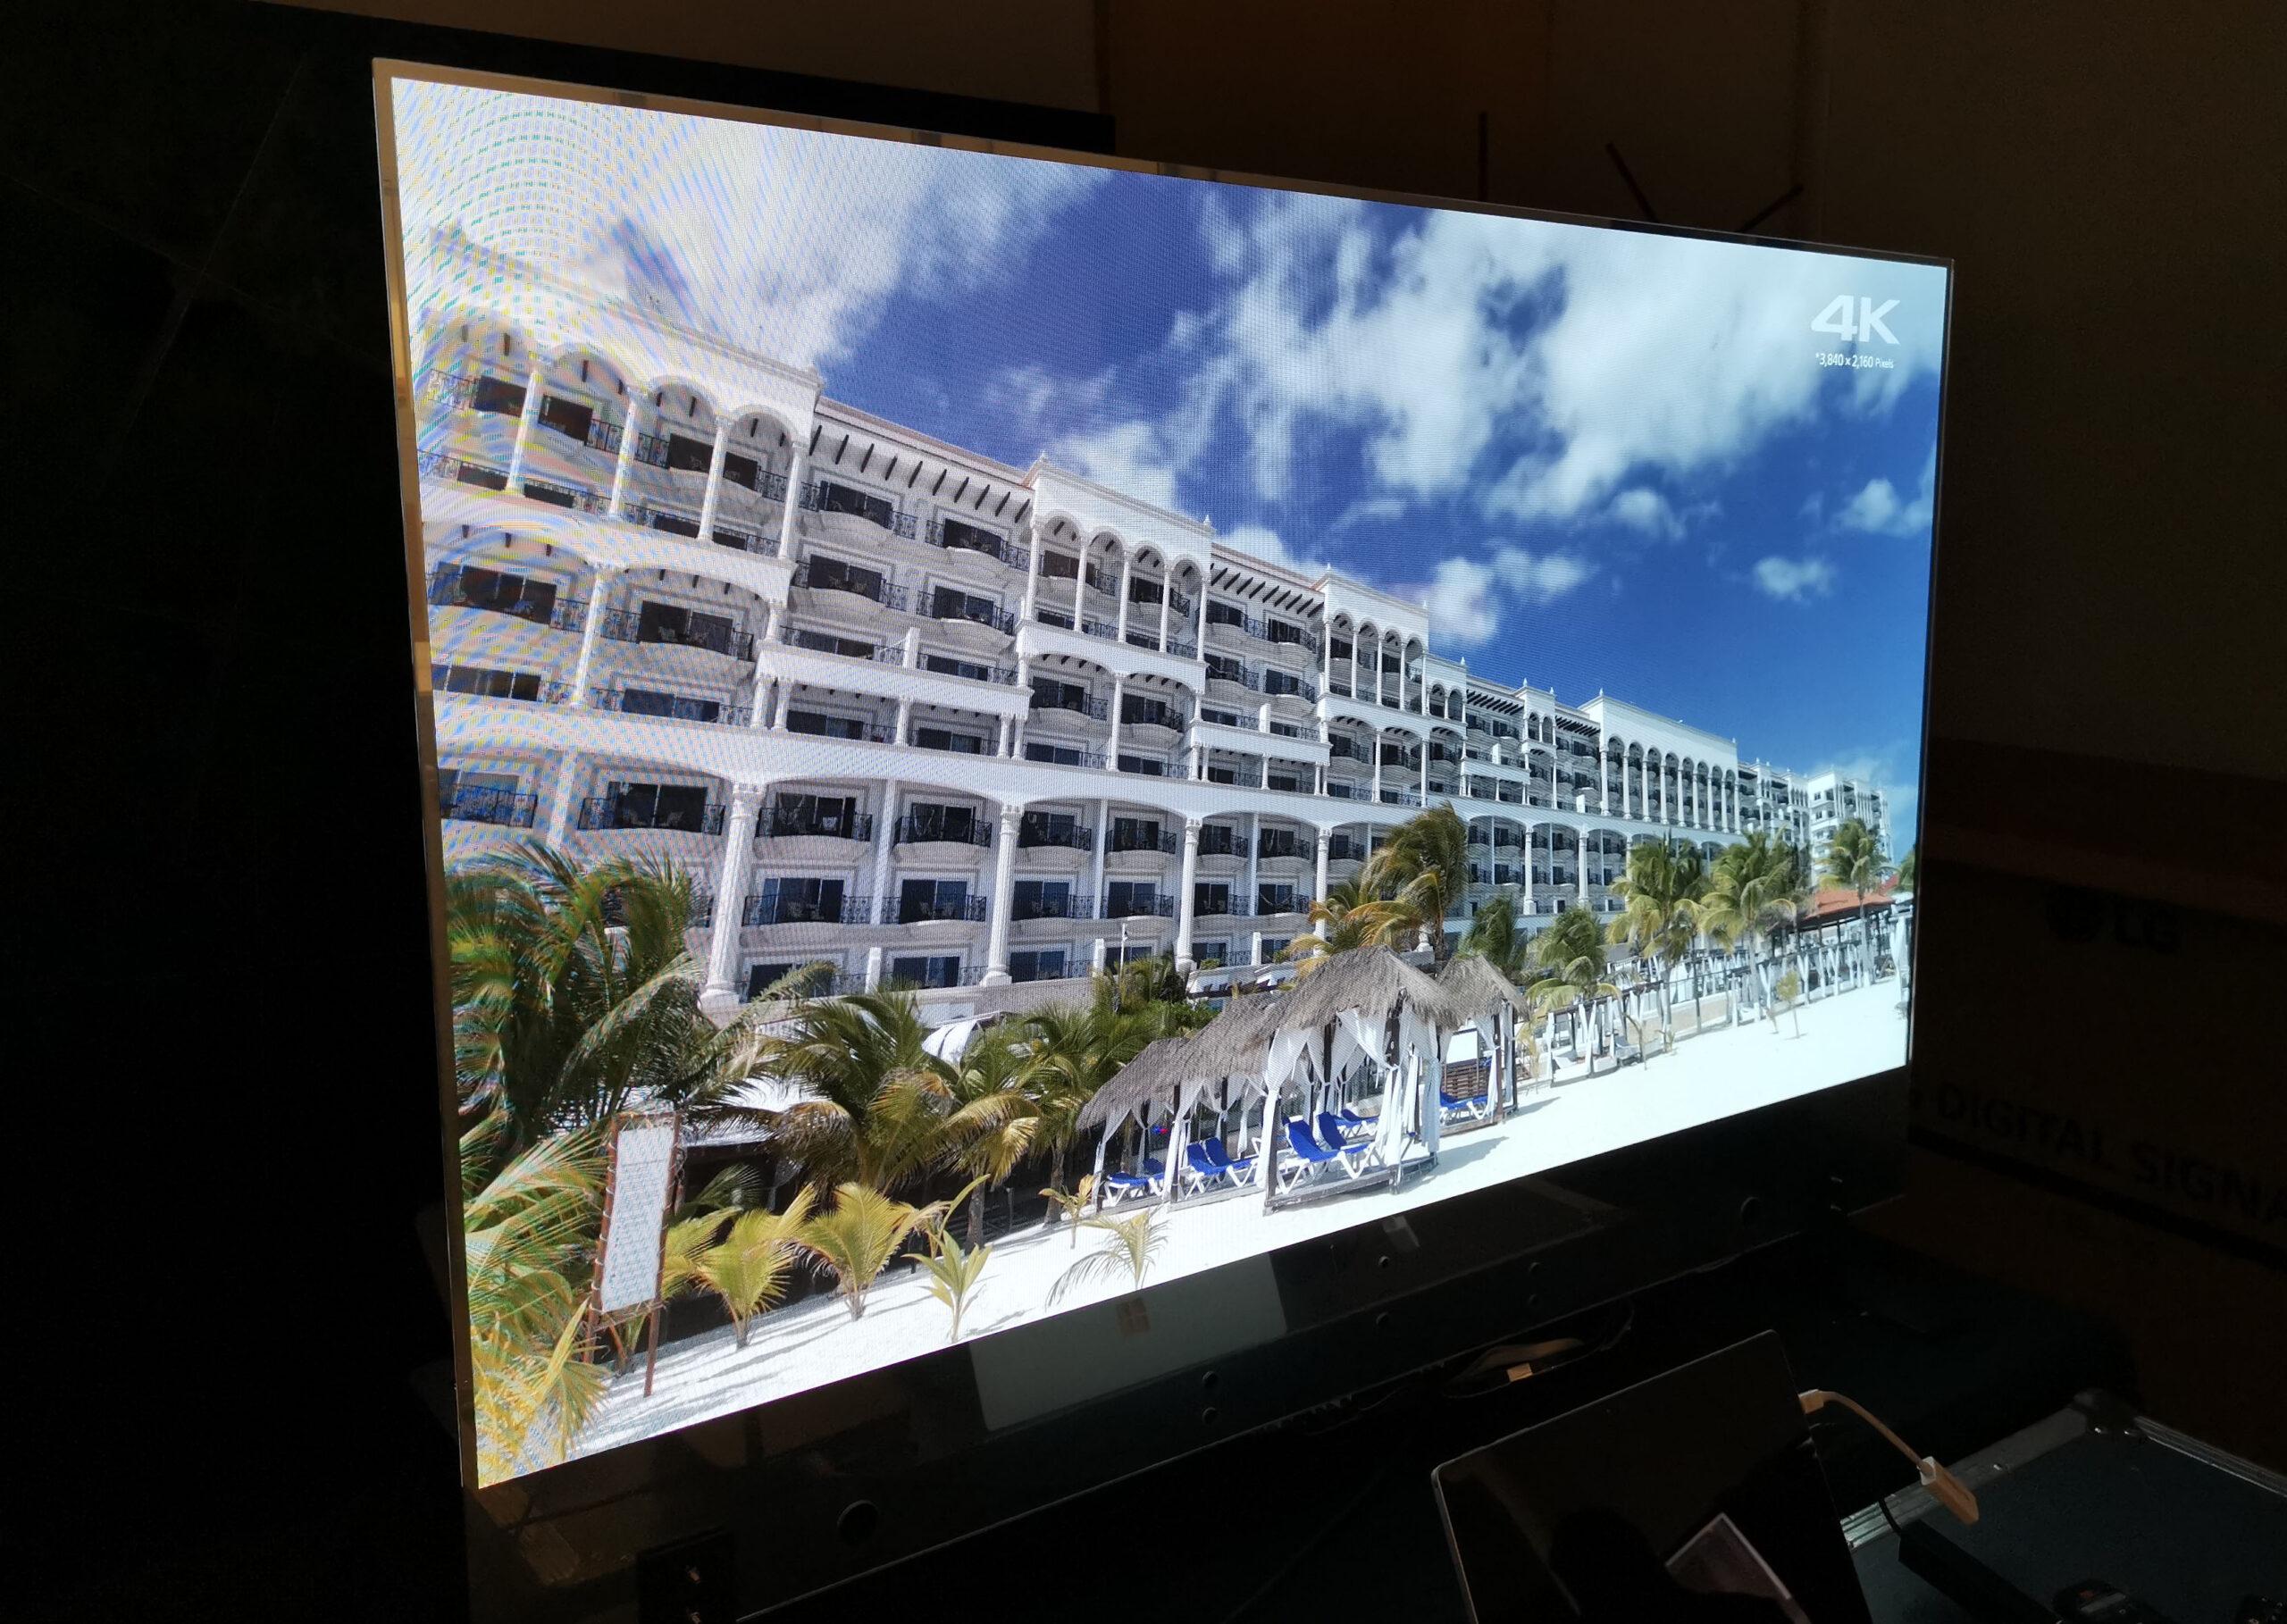 lg oled trasparente 10 20 11 20 scaled - LG OLED Trasparente 55EW5F: l'abbiamo provato e misurato!